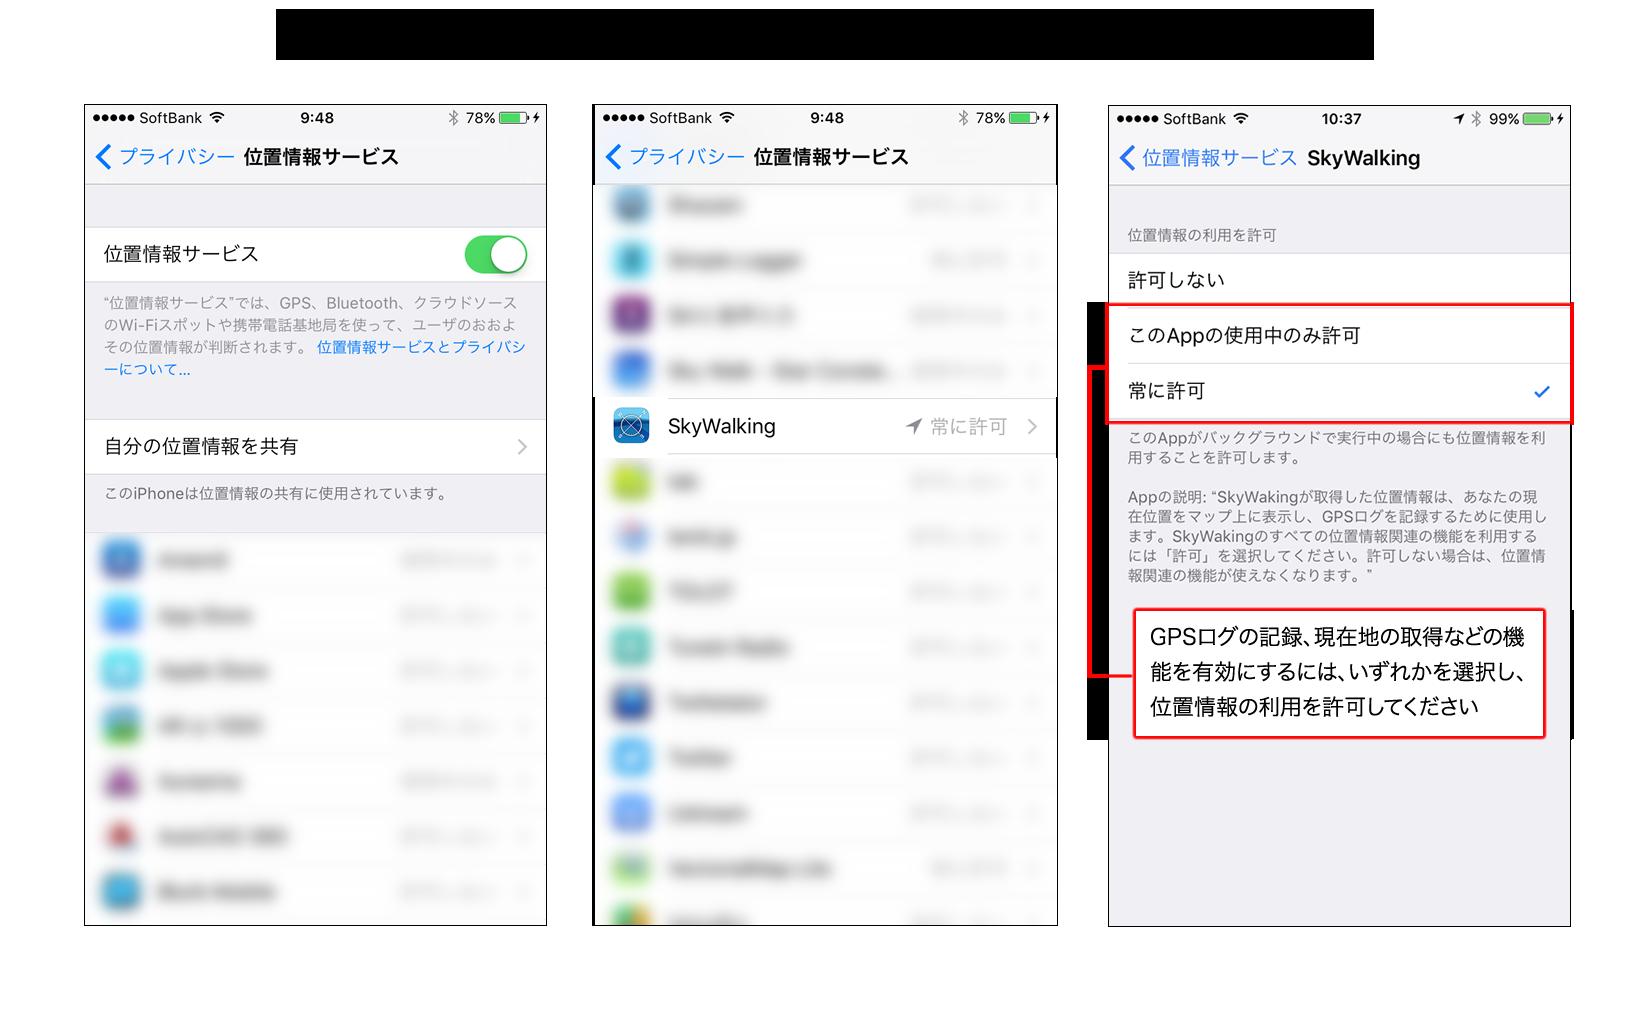 設定アプリ -> プライバシー -> 位置情報サービス -> SkyWalking